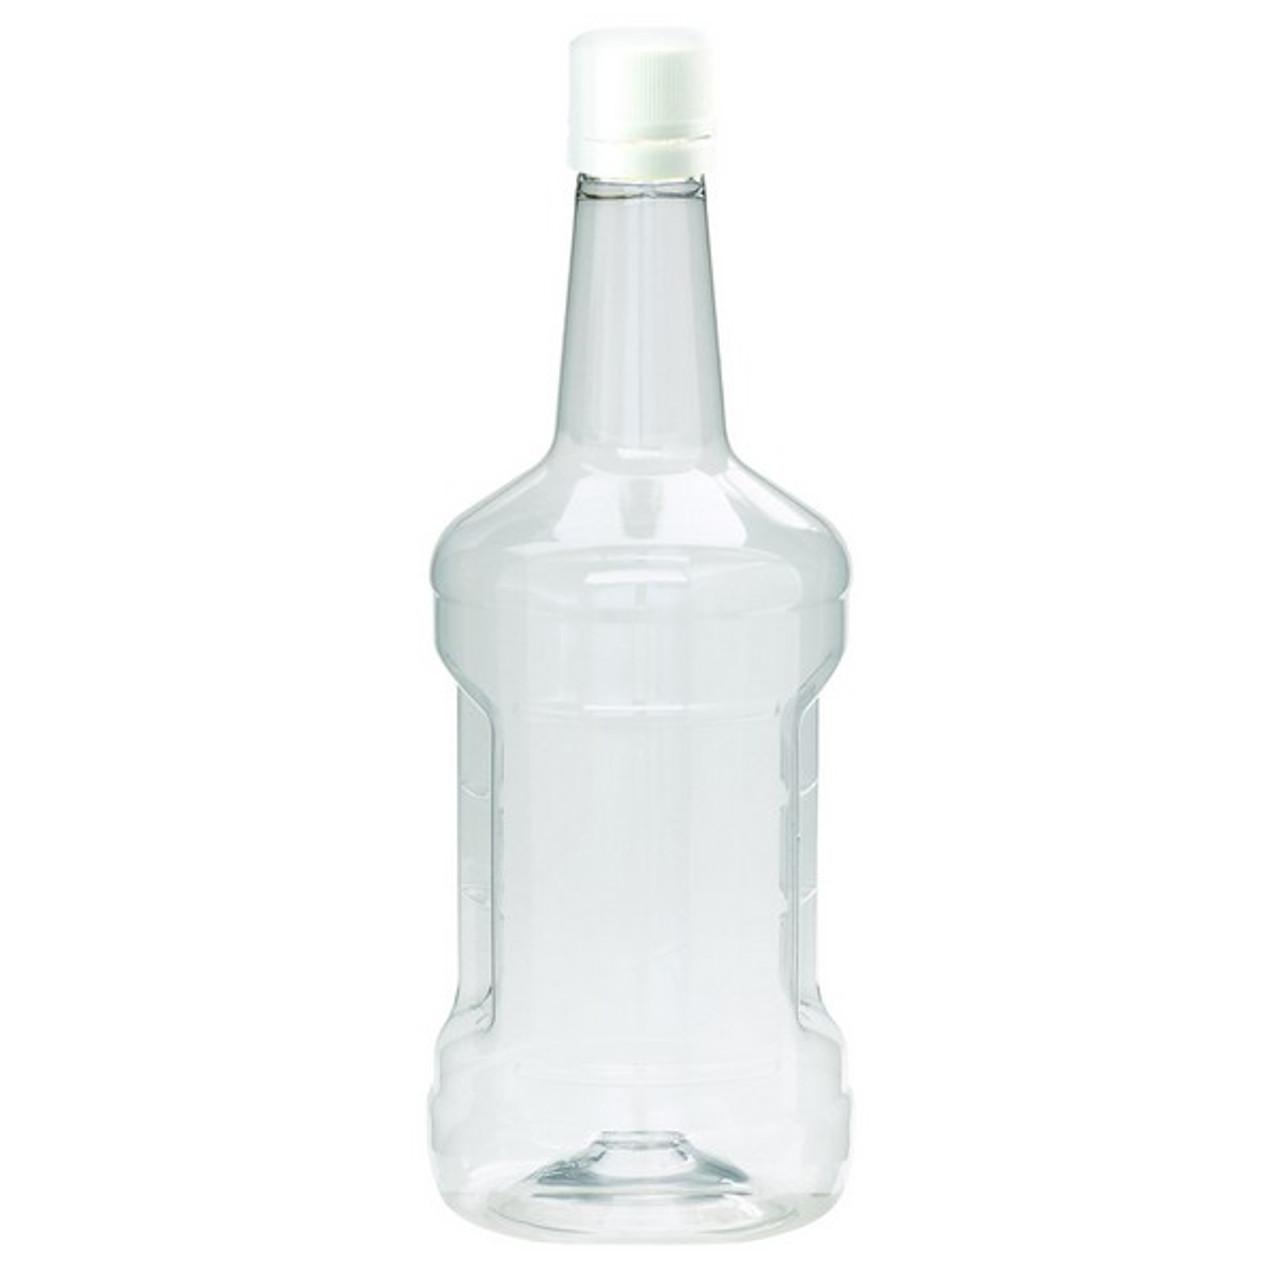 1 75 L Pet Liquor Bottles Tamper Evident Cap Berlin